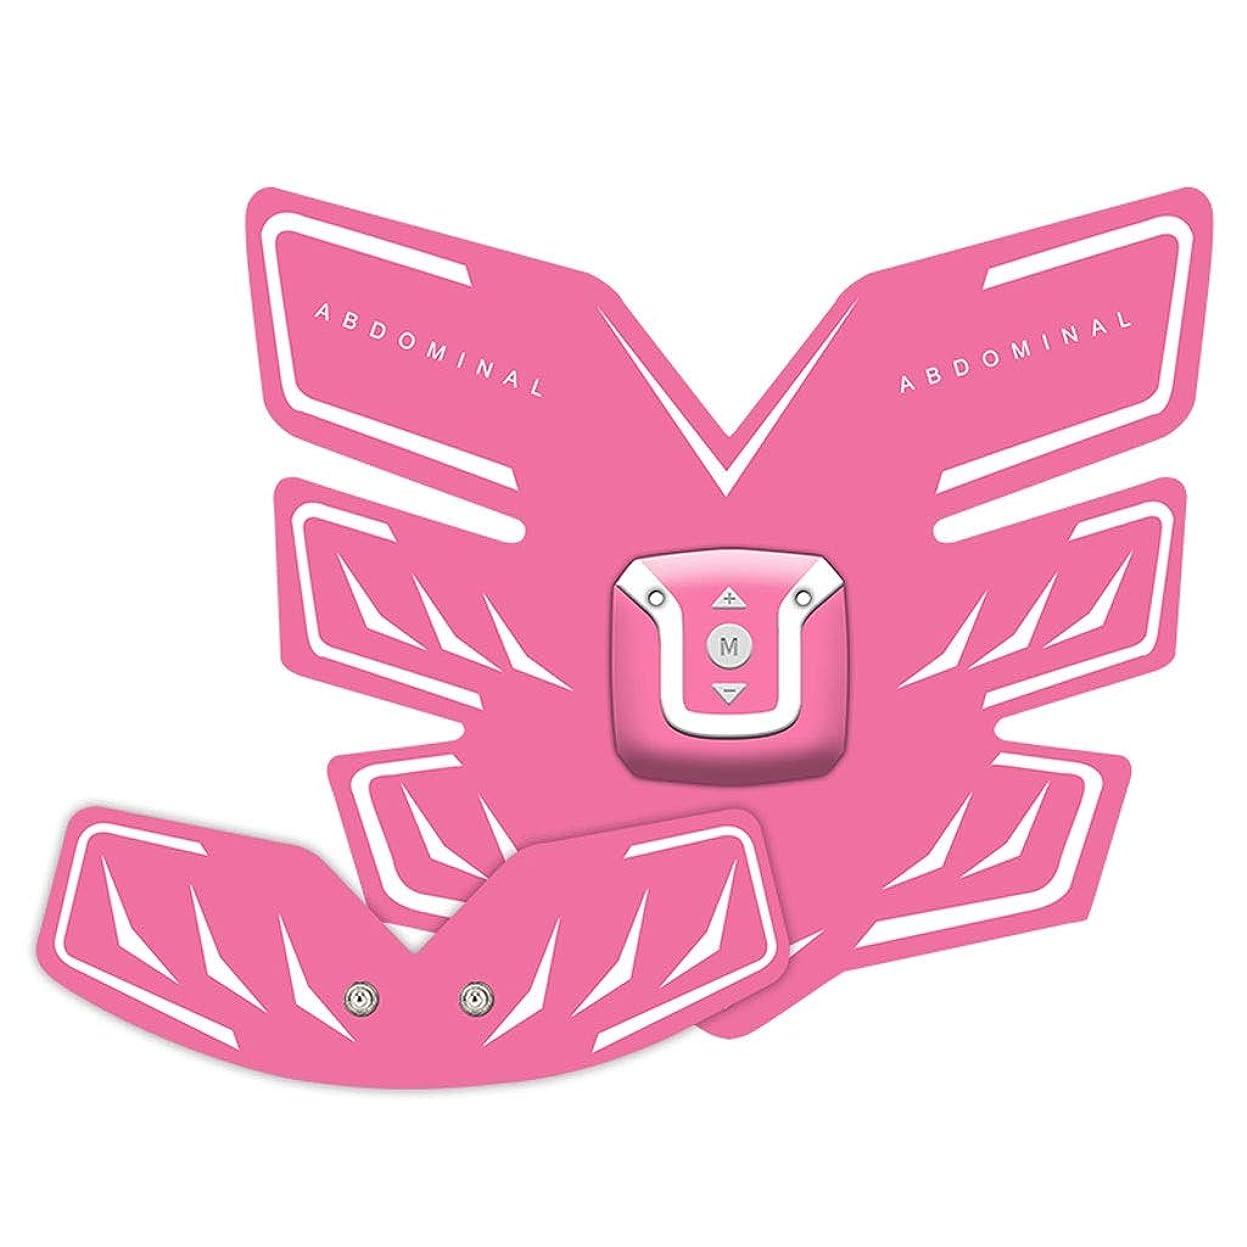 歴史契約する全体Usb充電筋肉トナー腹筋absシミュレータ腹部トレーニングワイヤレスemsトレーニングホームオフィス用腹部腕脚トレーニングホームオフィスエクササイズ (Color : Pink, Size : A+B)